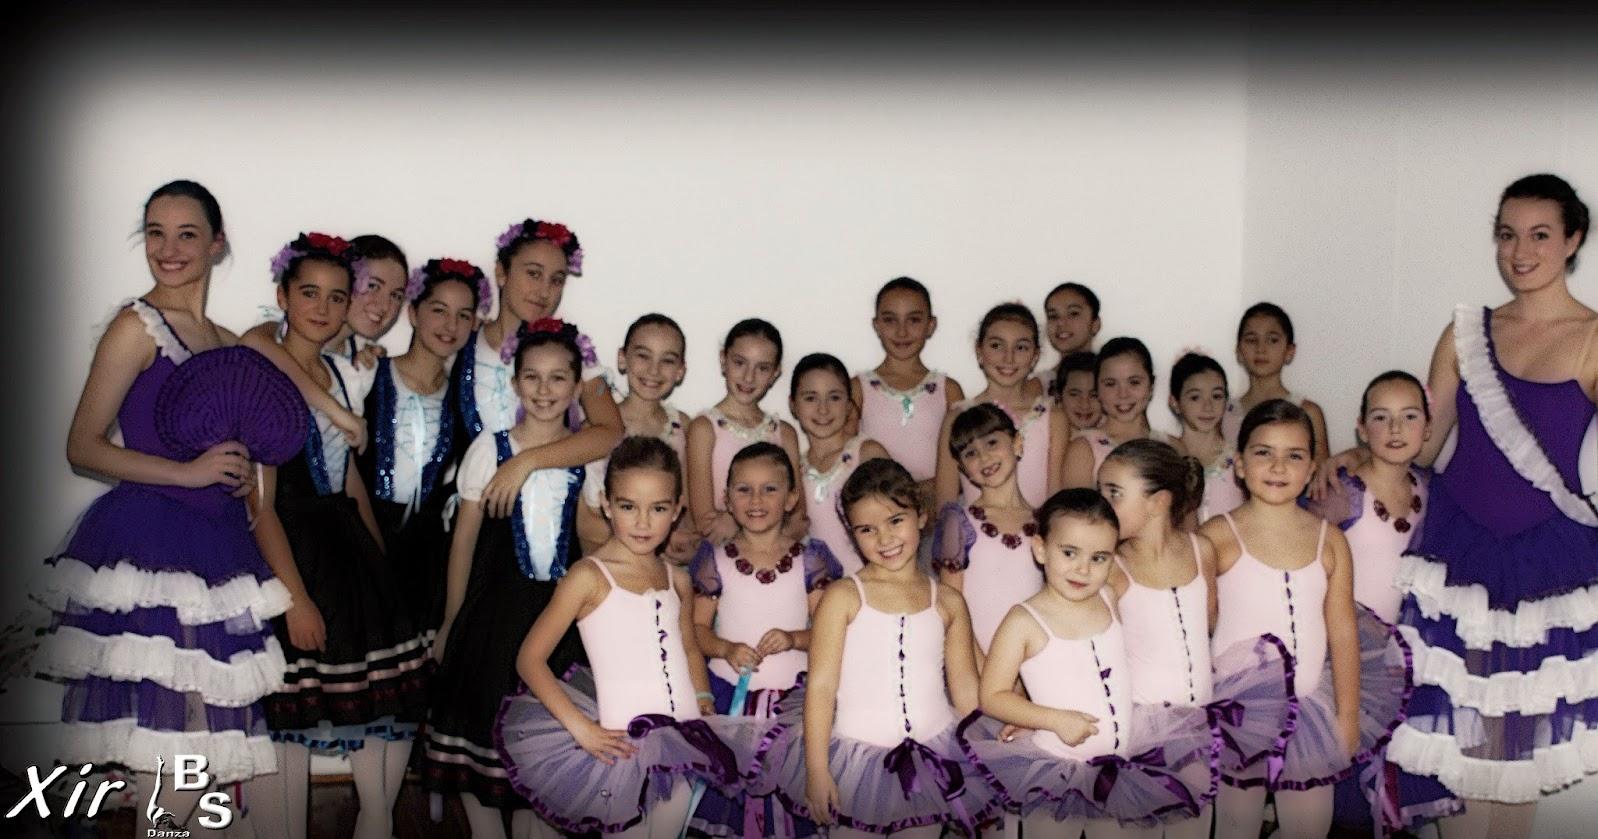 escuela_bsdanza academia_baile predanza